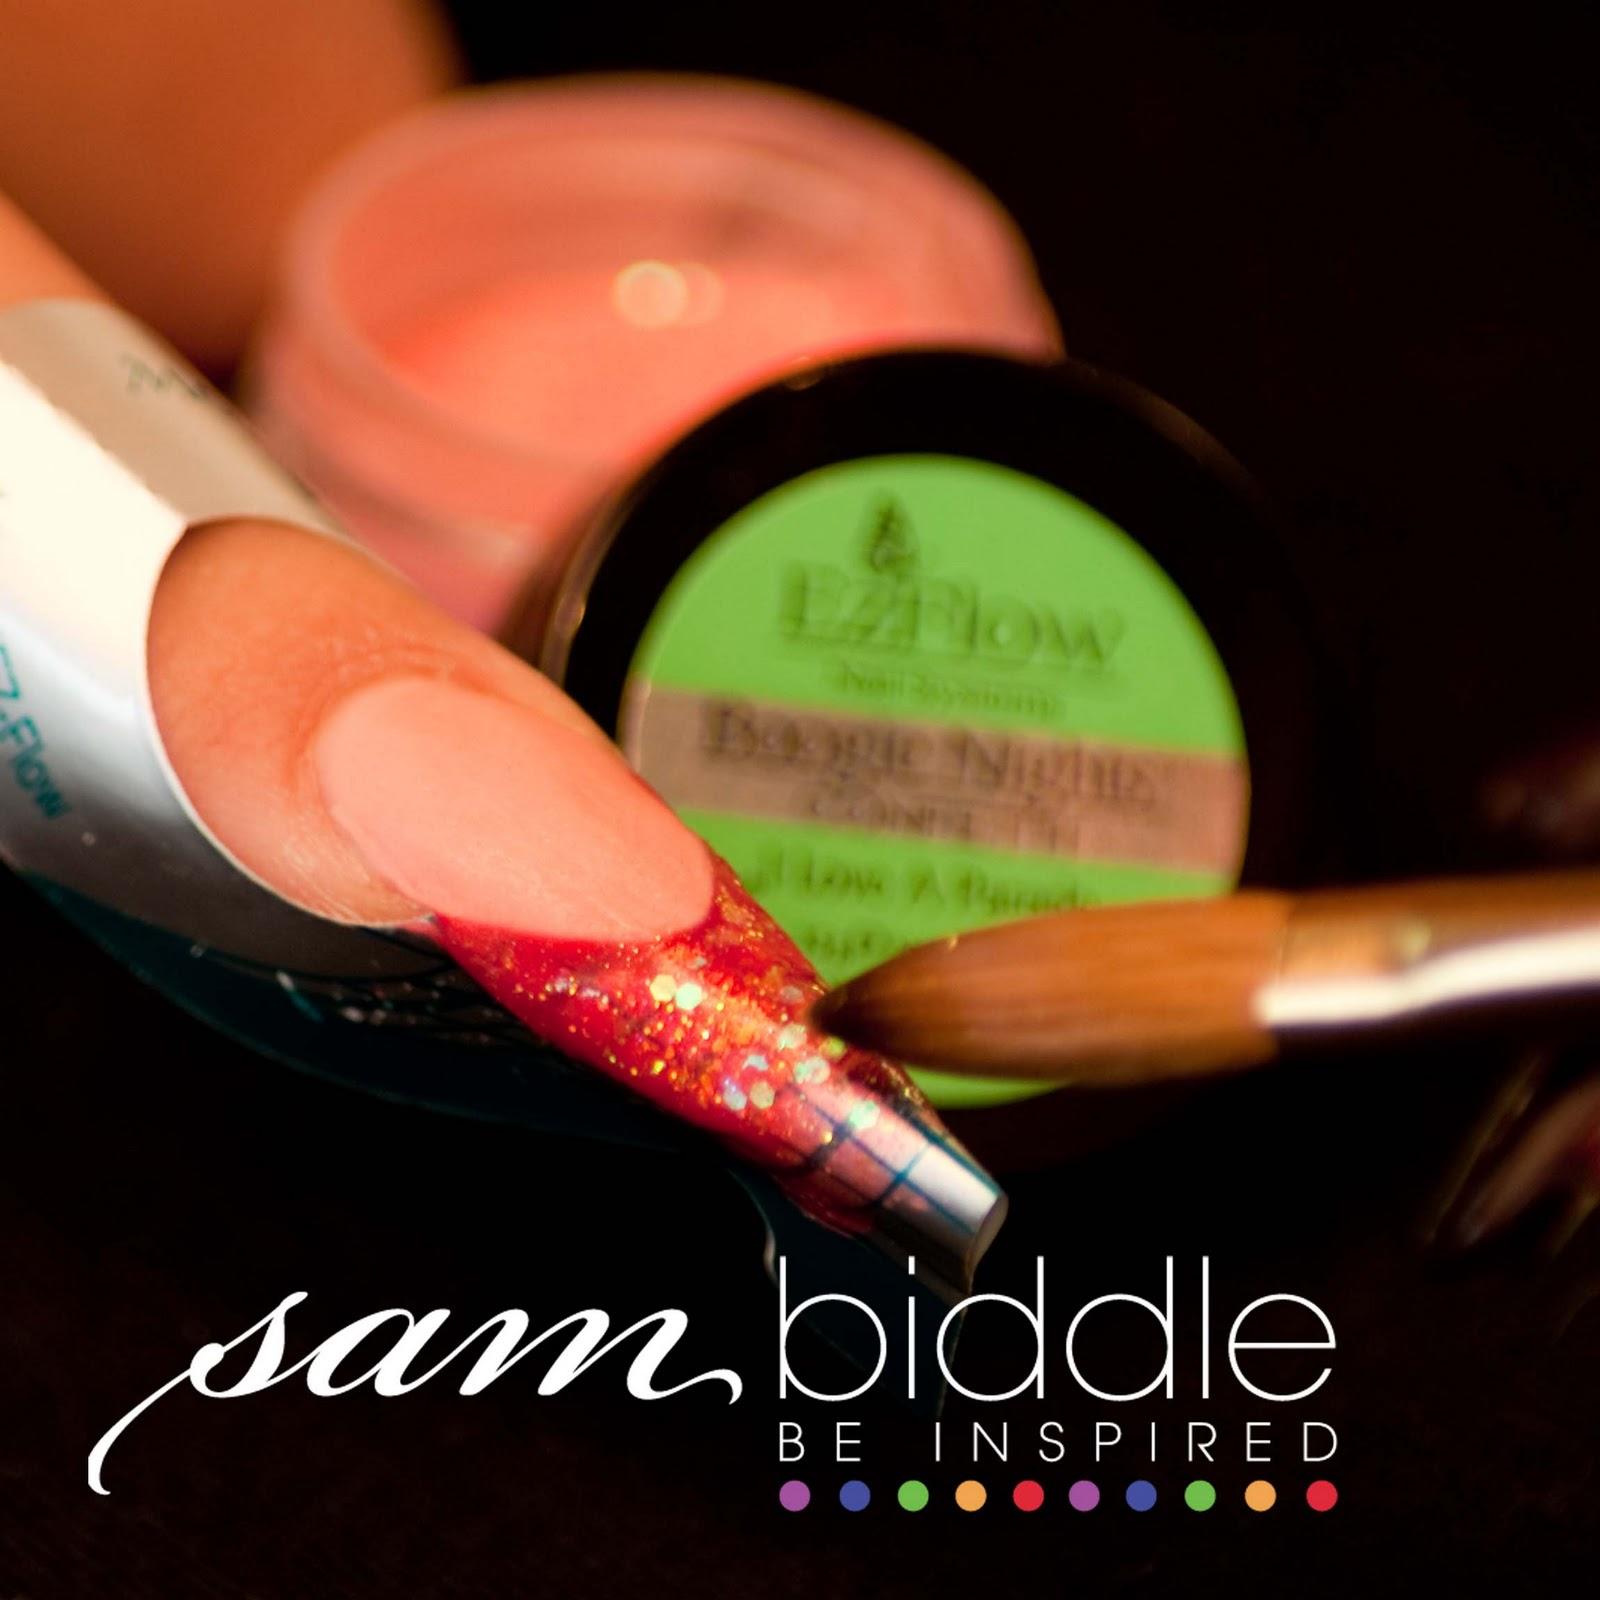 Sam Biddle: December 2010